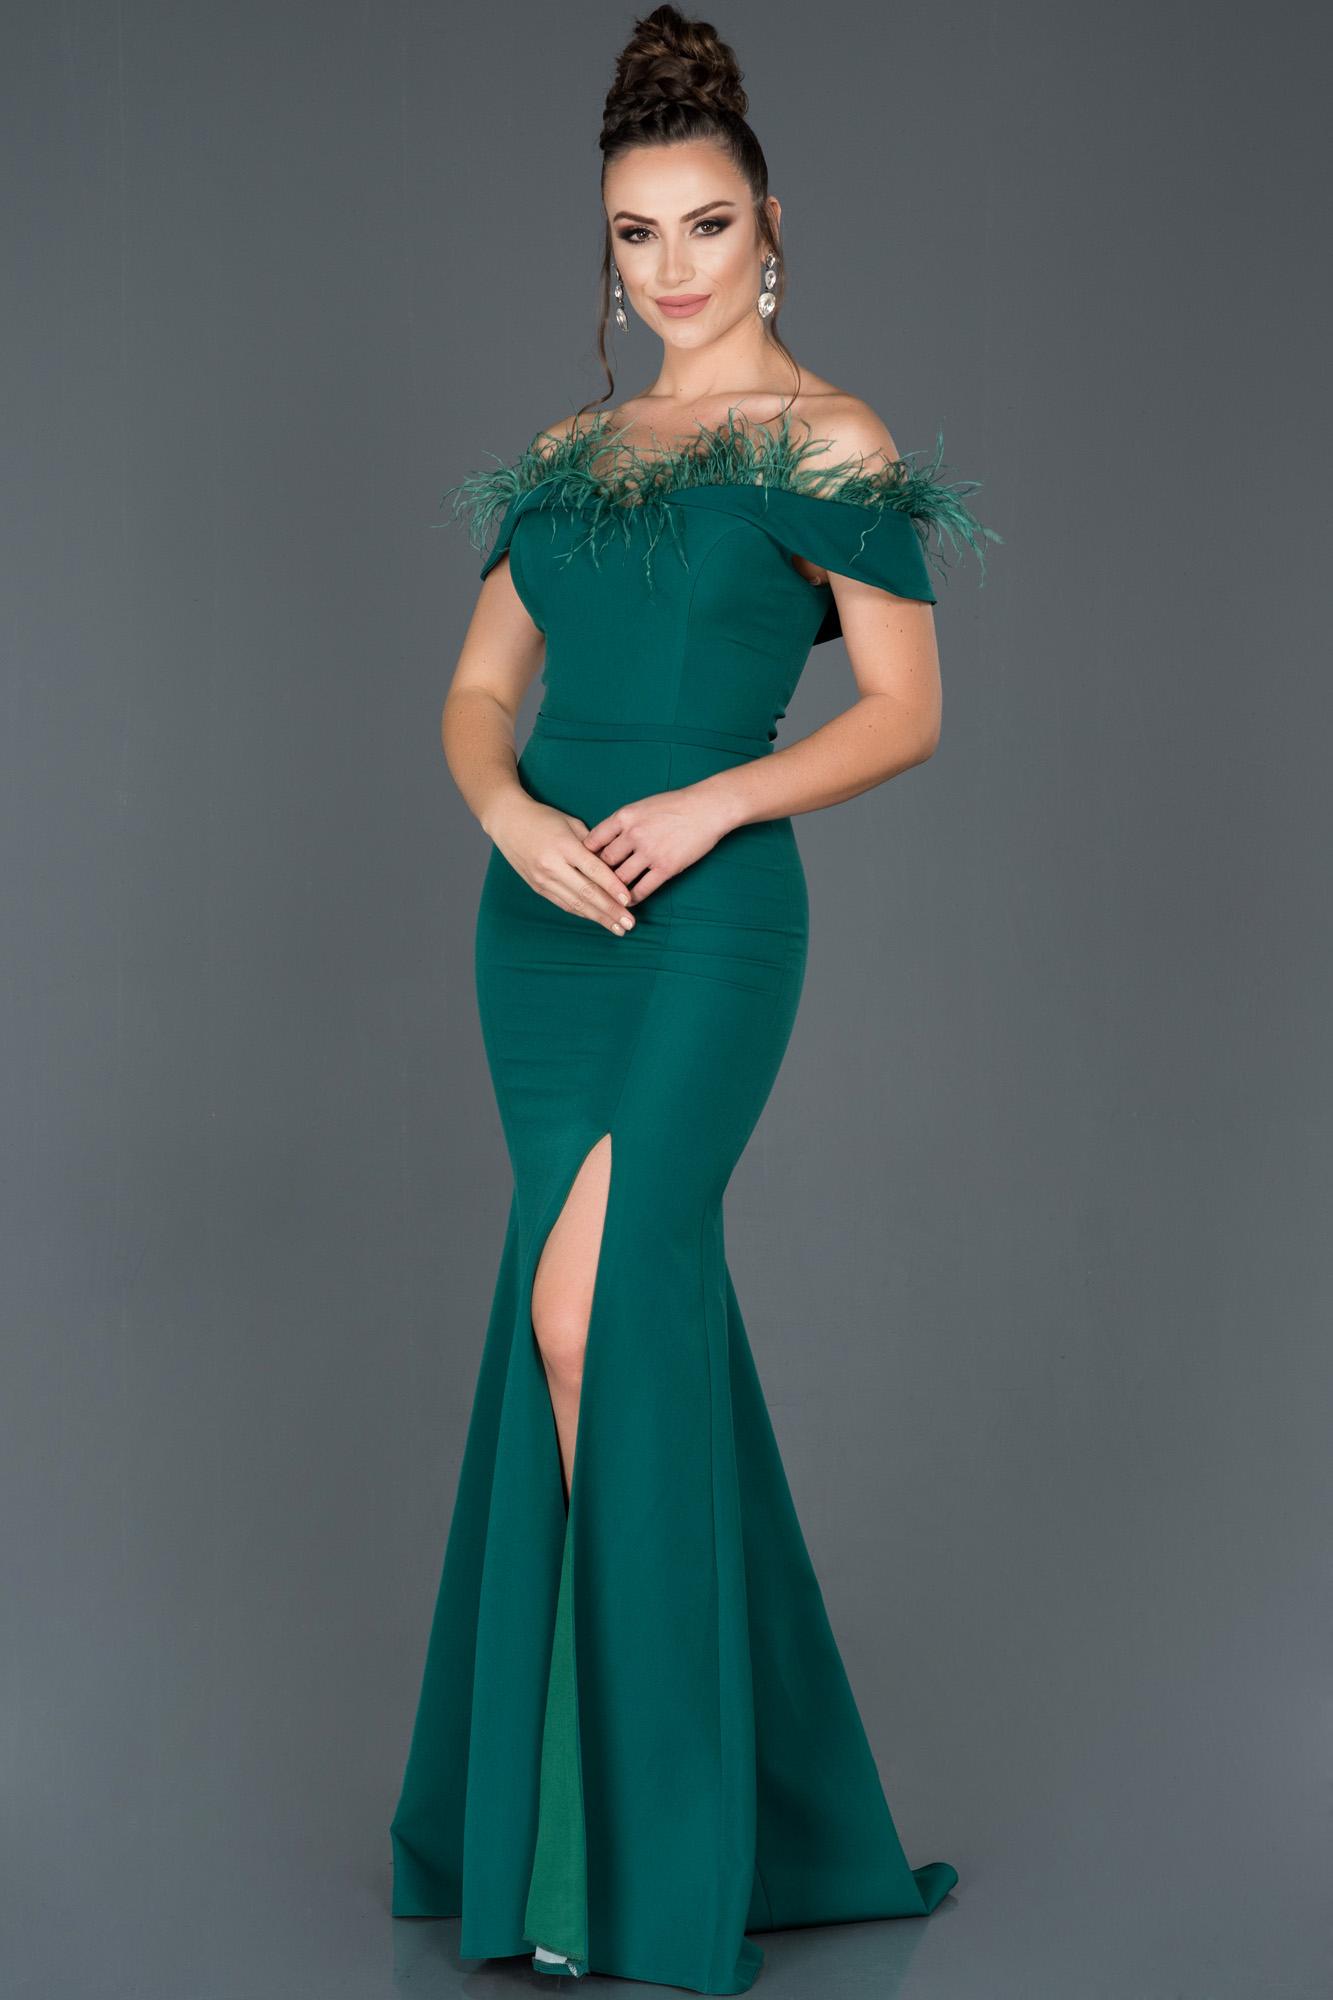 Zümrüt Yeşili Uzun Bacak Dekolteli Otrişli Balık Abiye Elbise